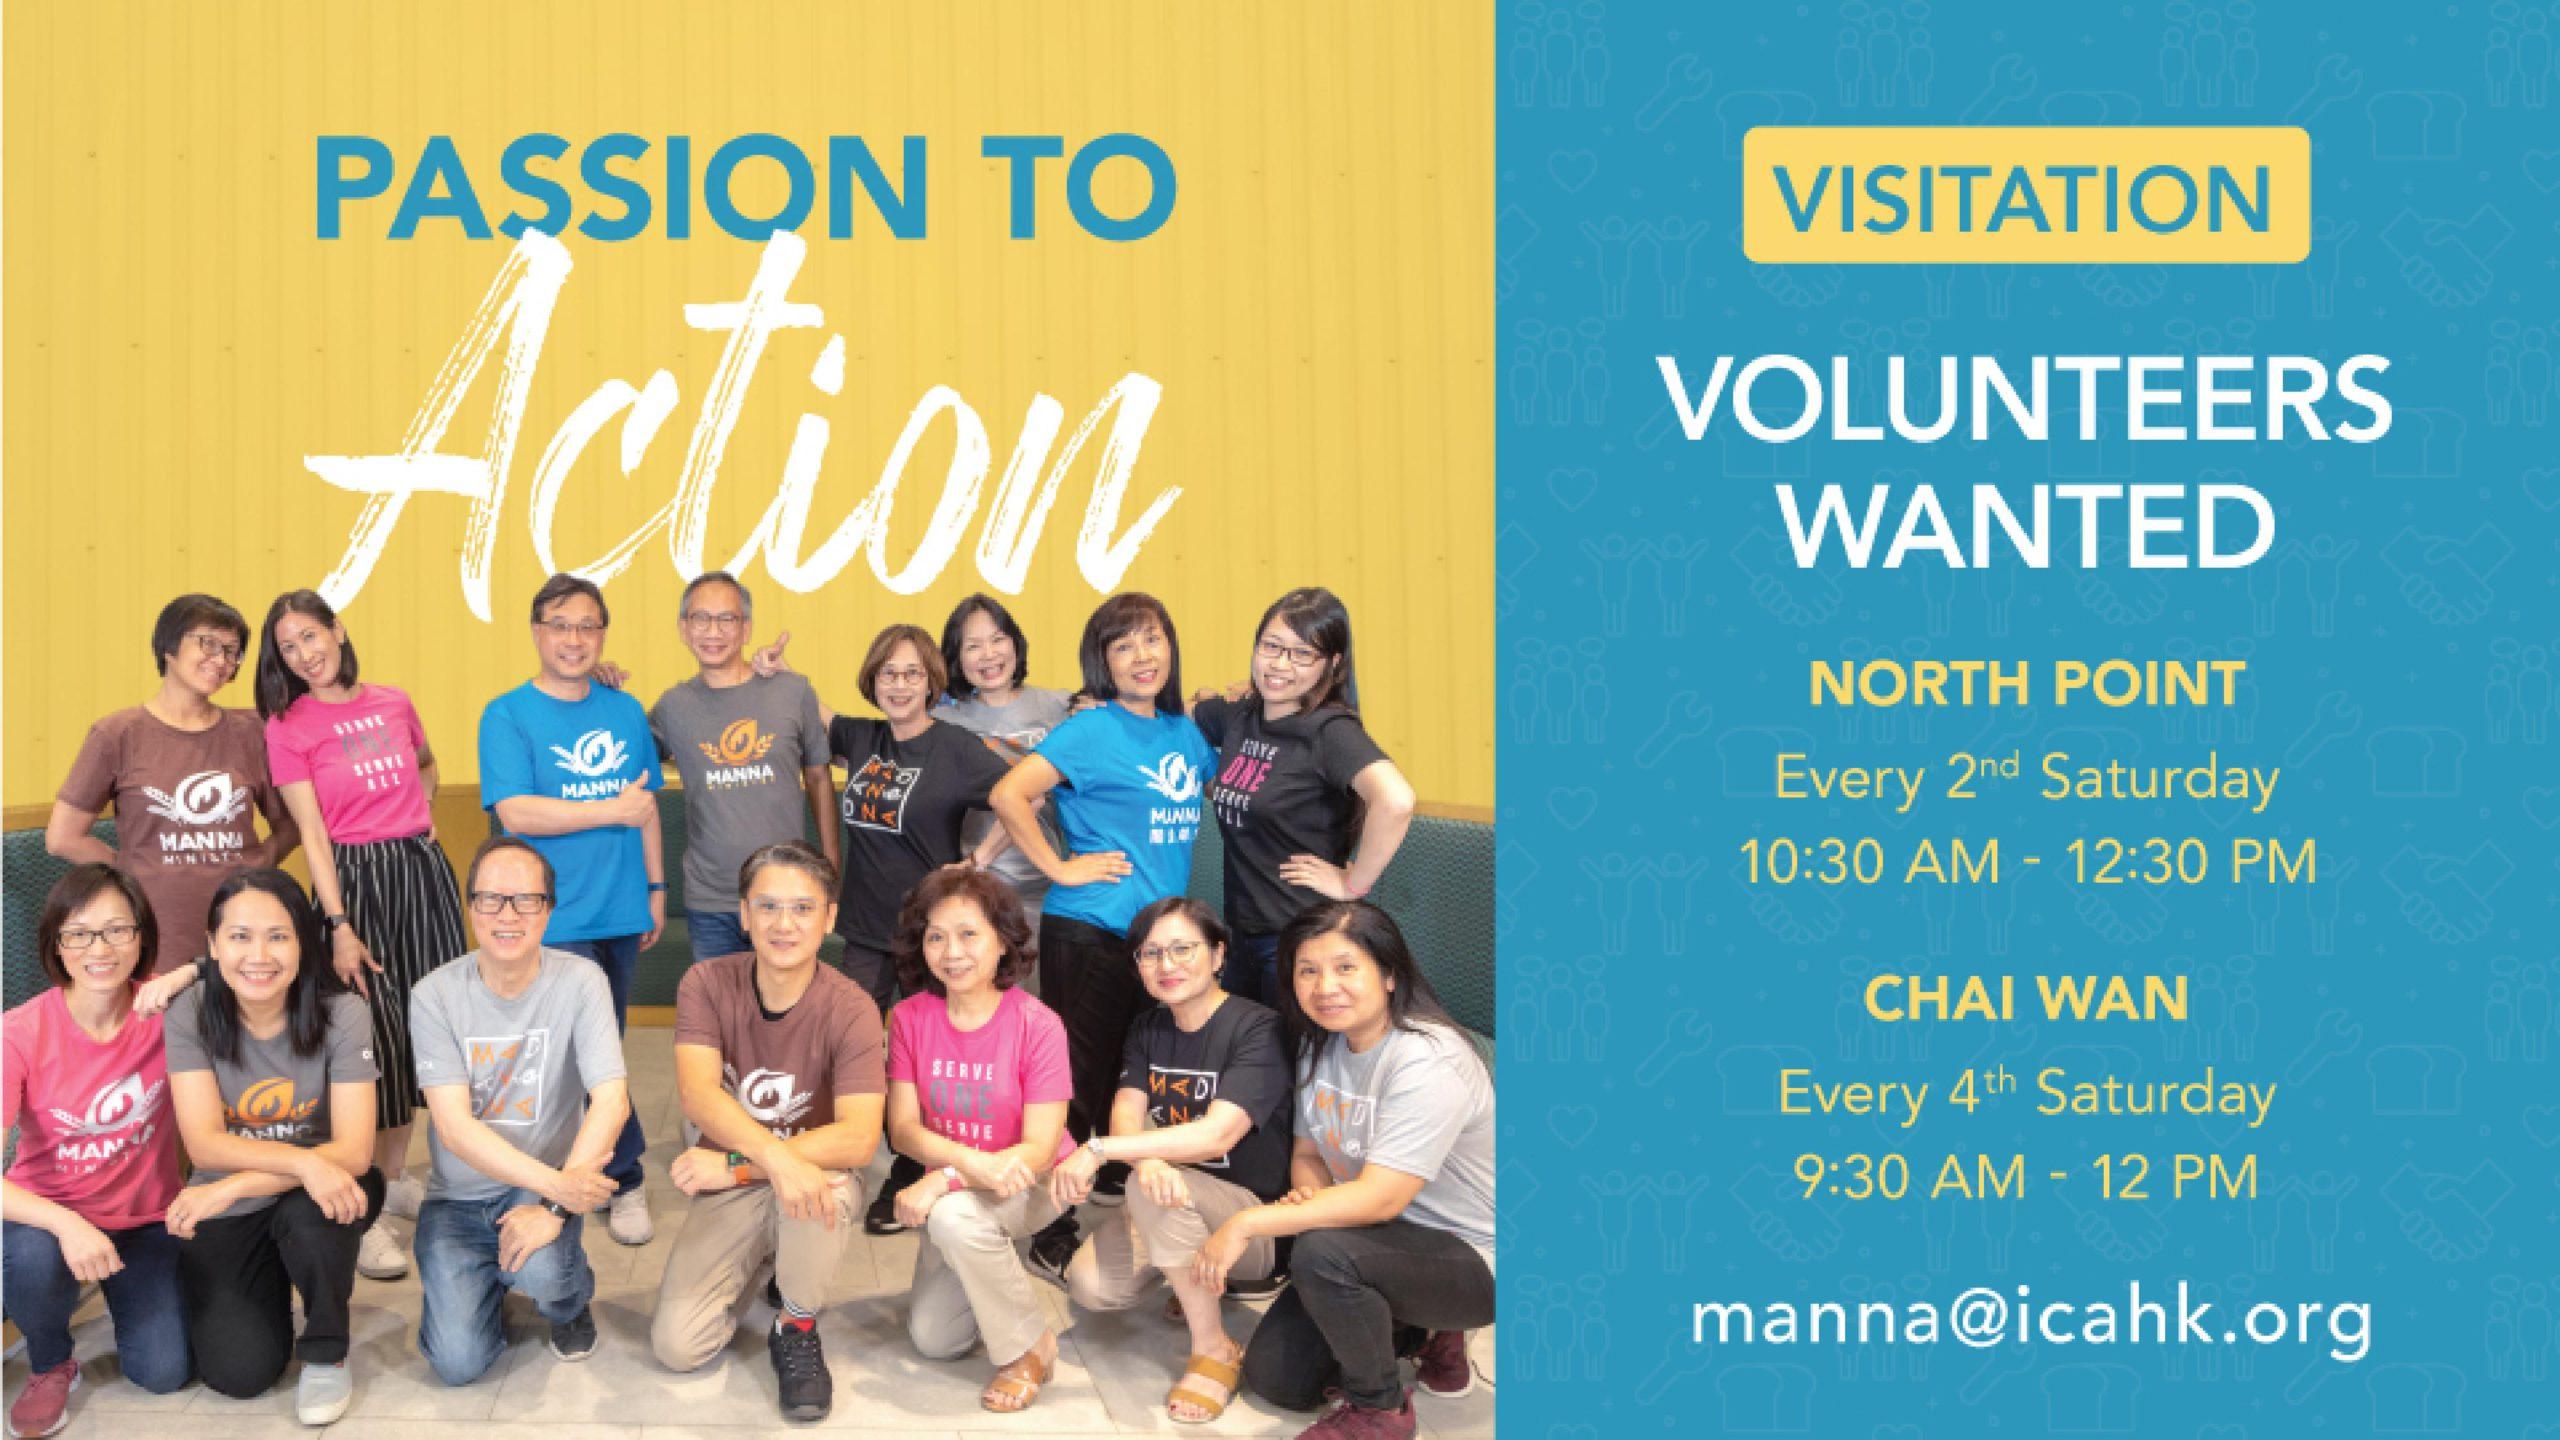 Volunteer Recruitment - Visitation